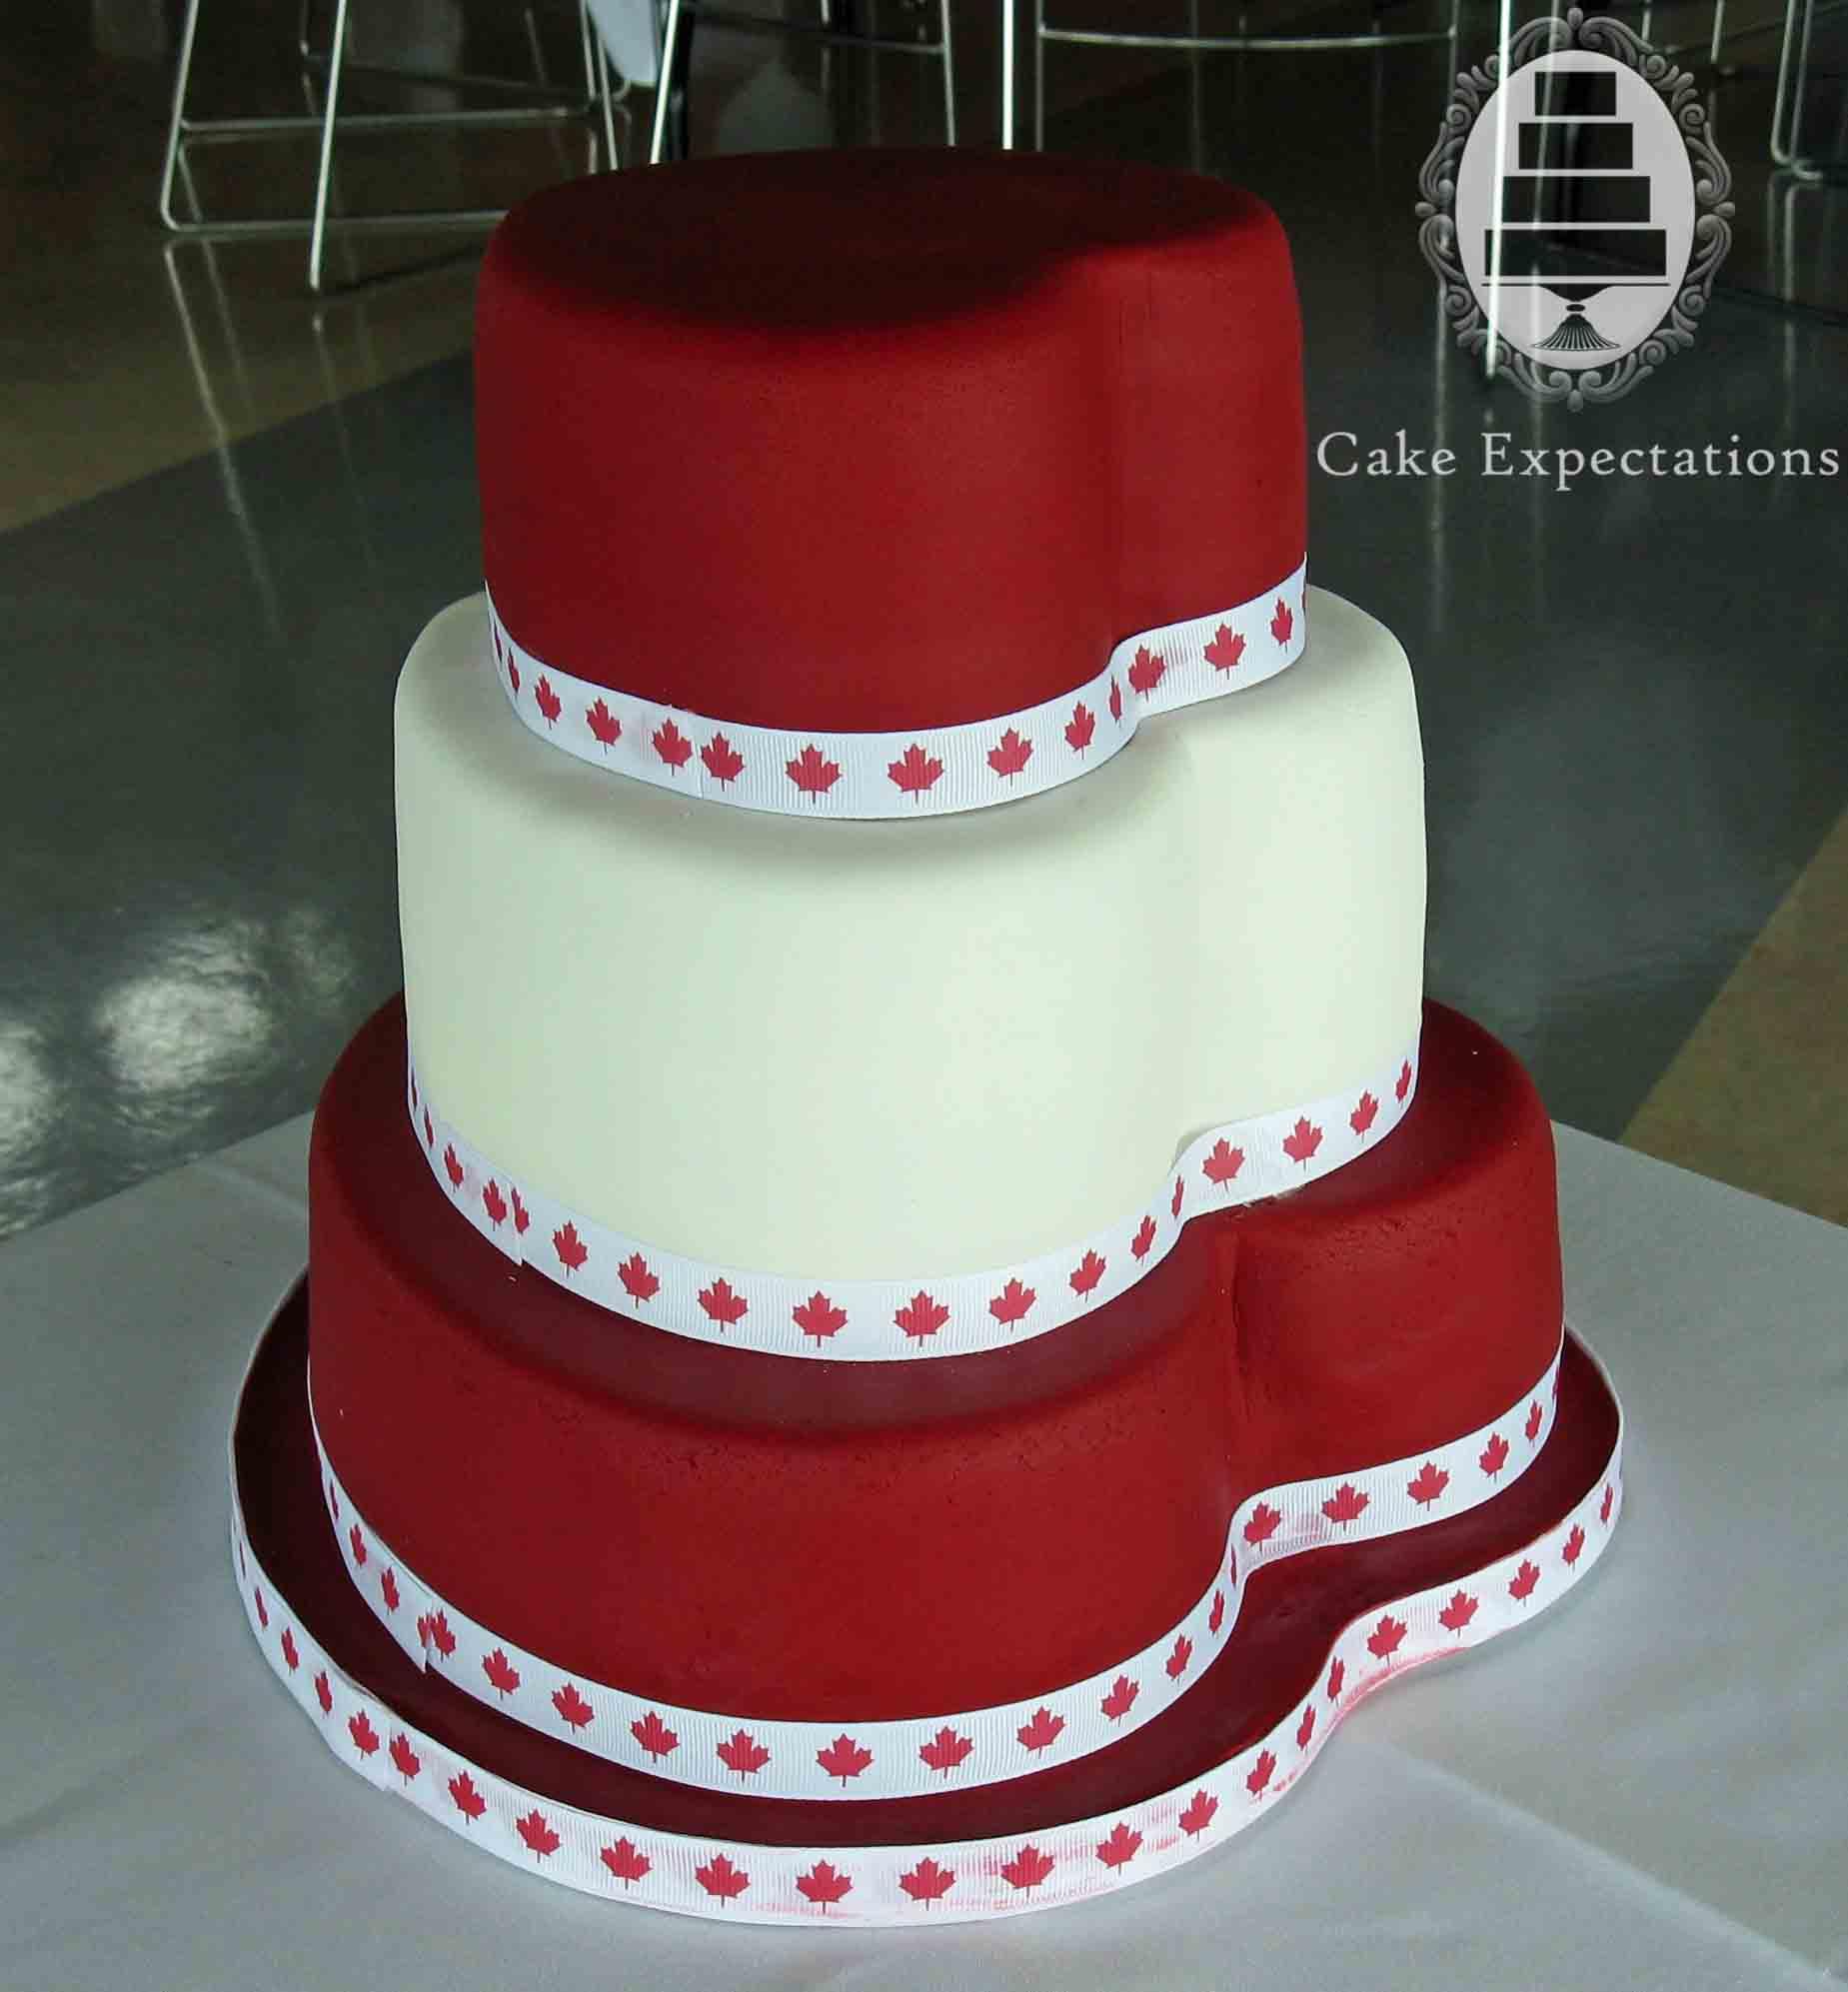 Cake Expectations  wwwcakeexpectationsca  Wedding